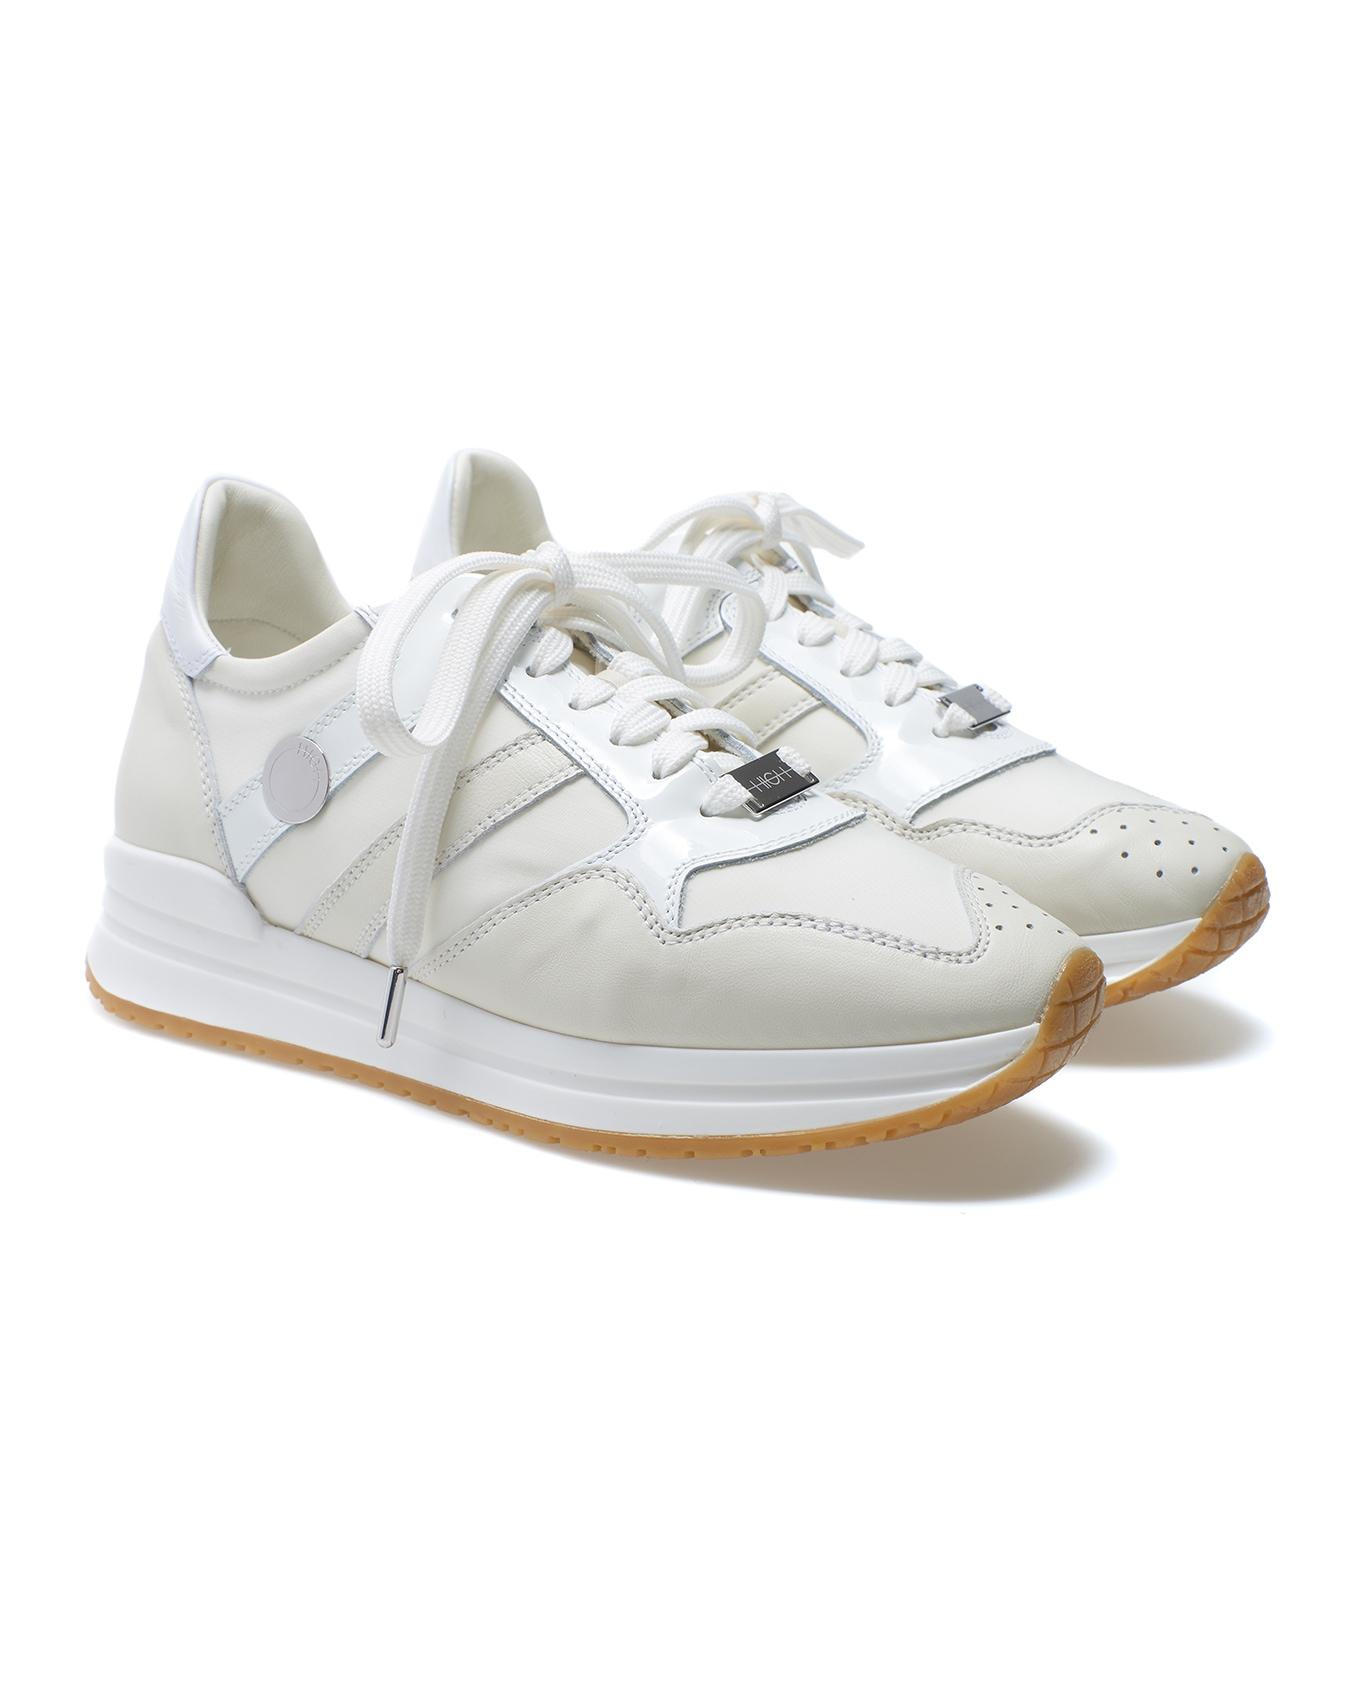 Sneaker Frantic Off White White 40 Hot Selection